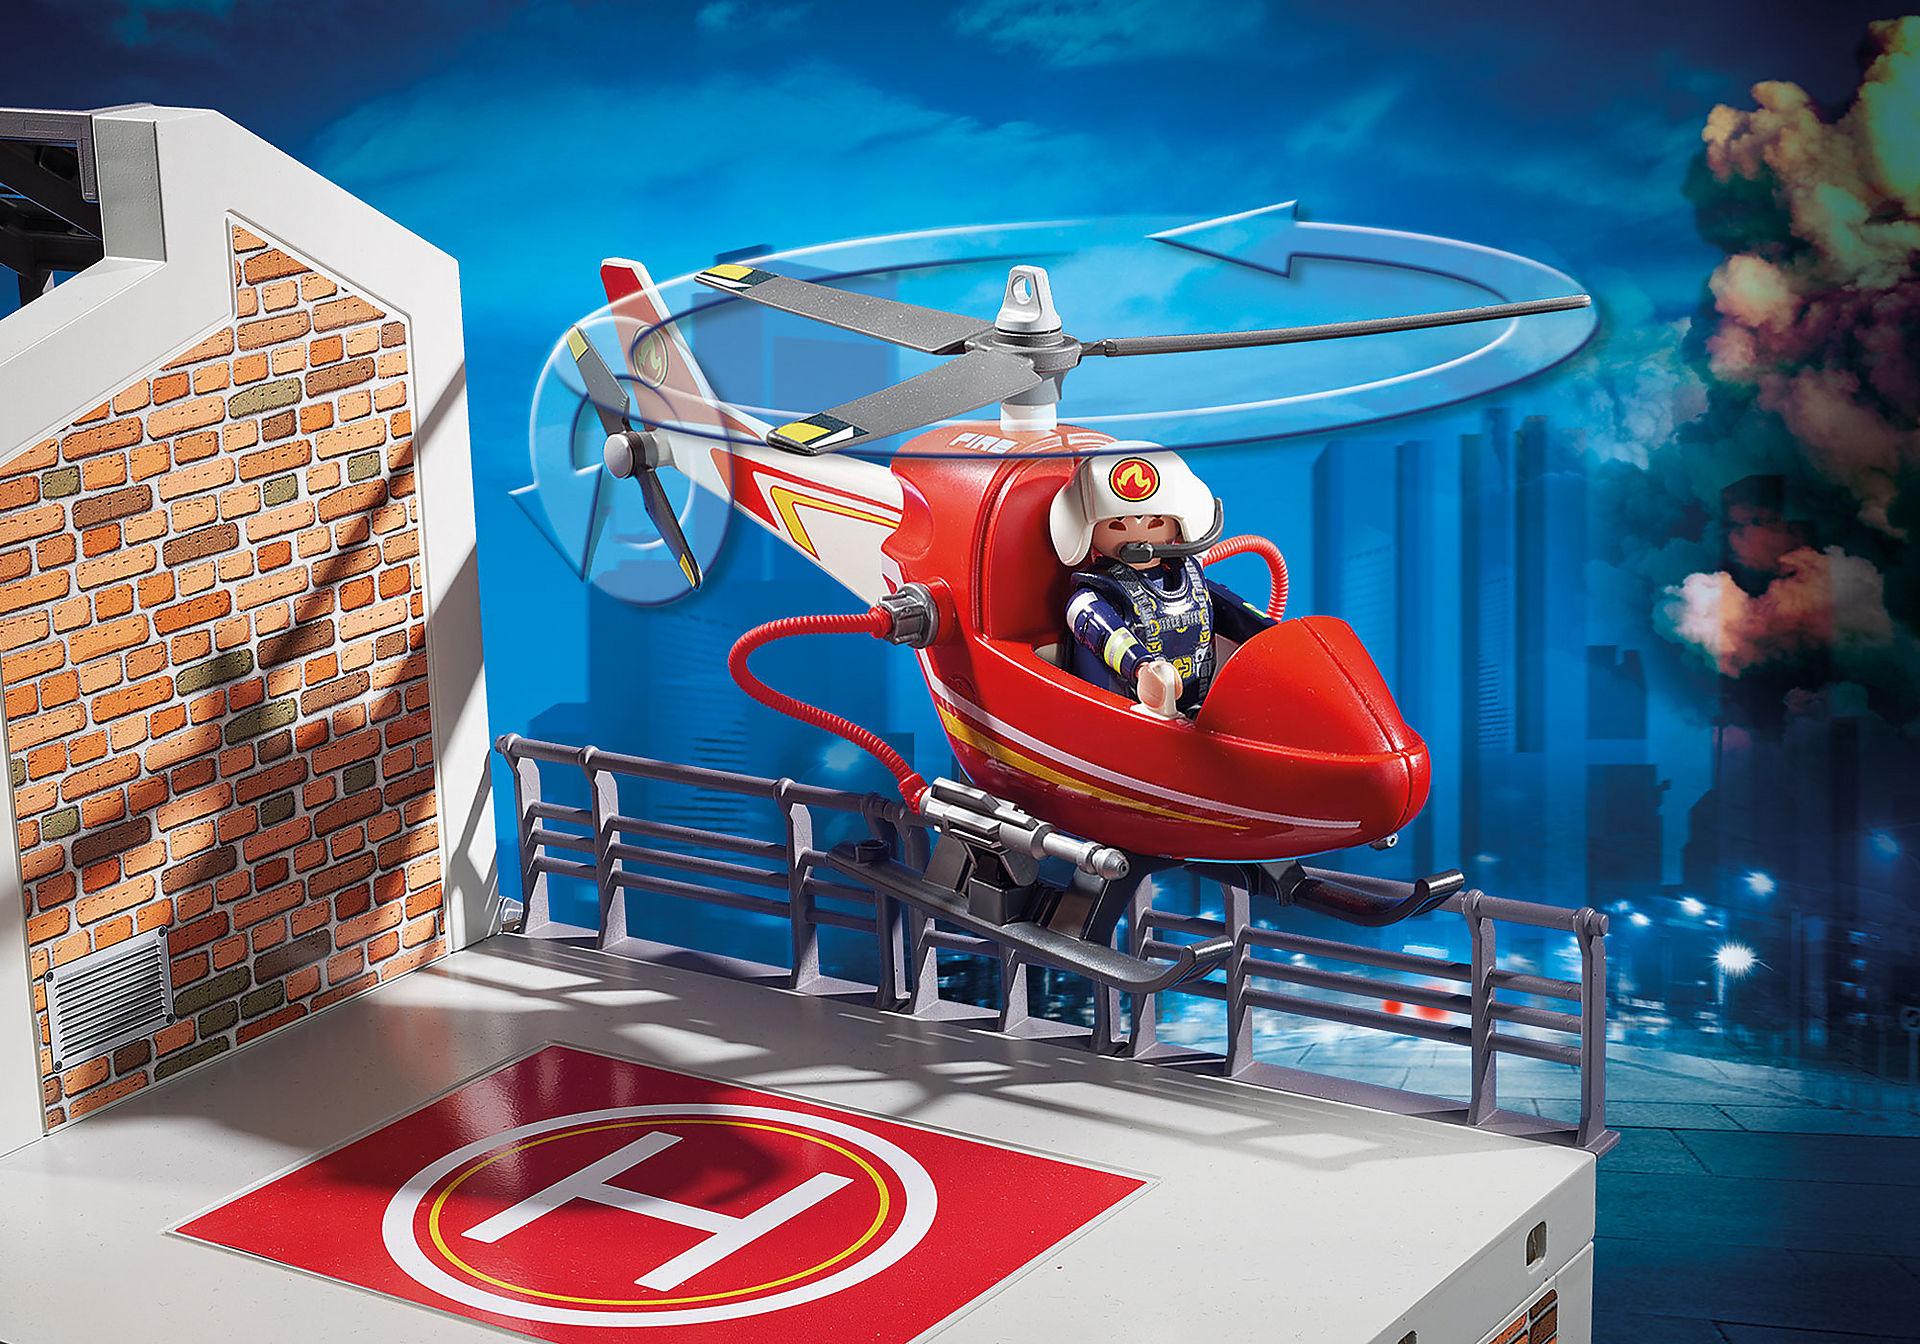 http://media.playmobil.com/i/playmobil/9462_product_extra1/Parque de Bomberos